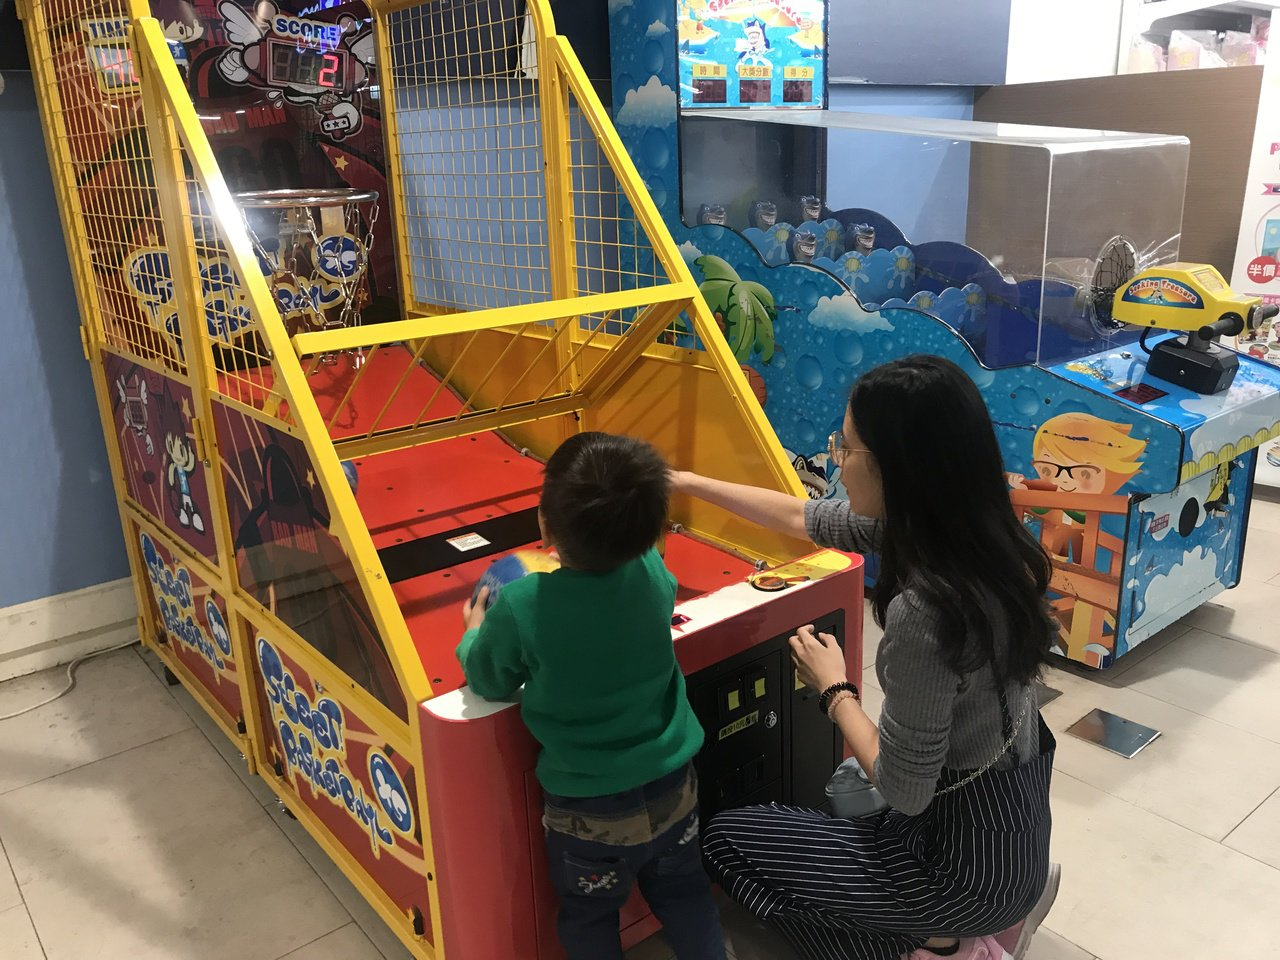 不少家長趁京華城熄燈前,帶小孩前來遊玩。記者江佩君/攝影